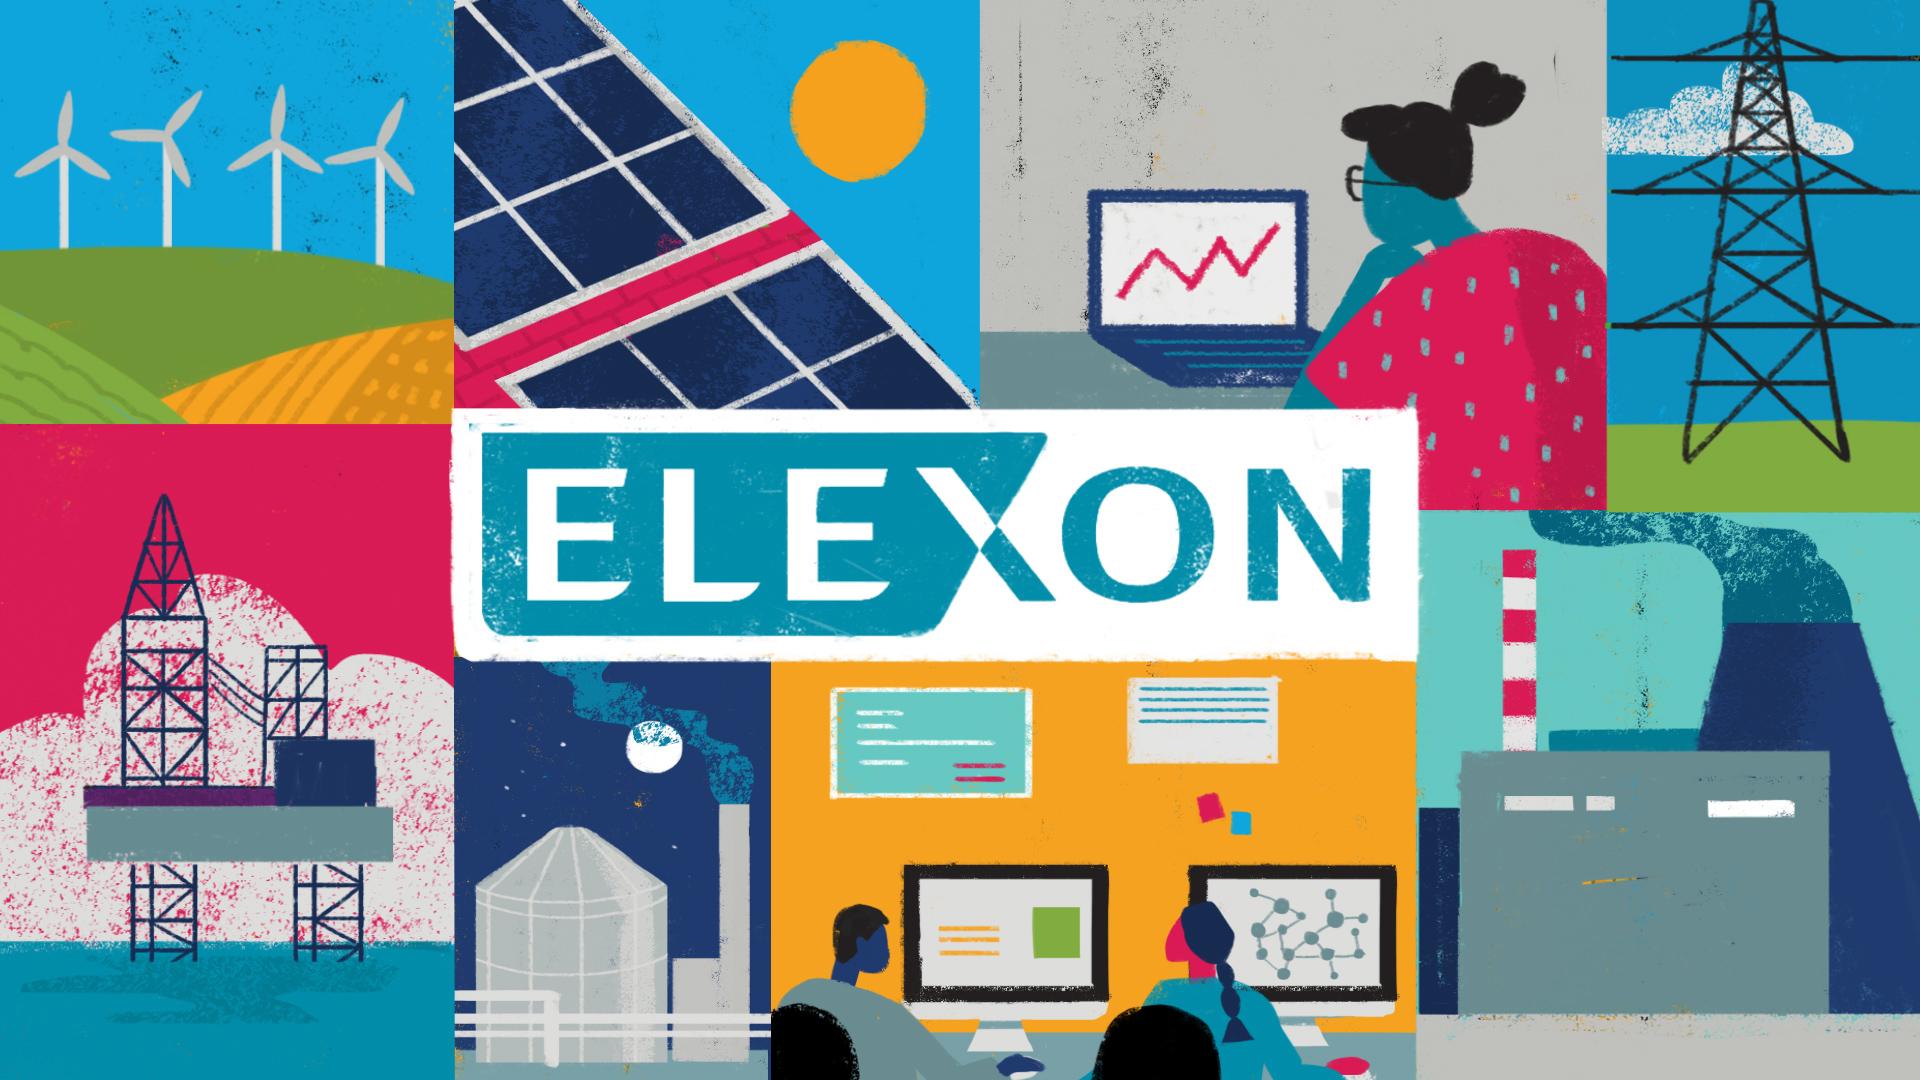 Elexon_03.jpg